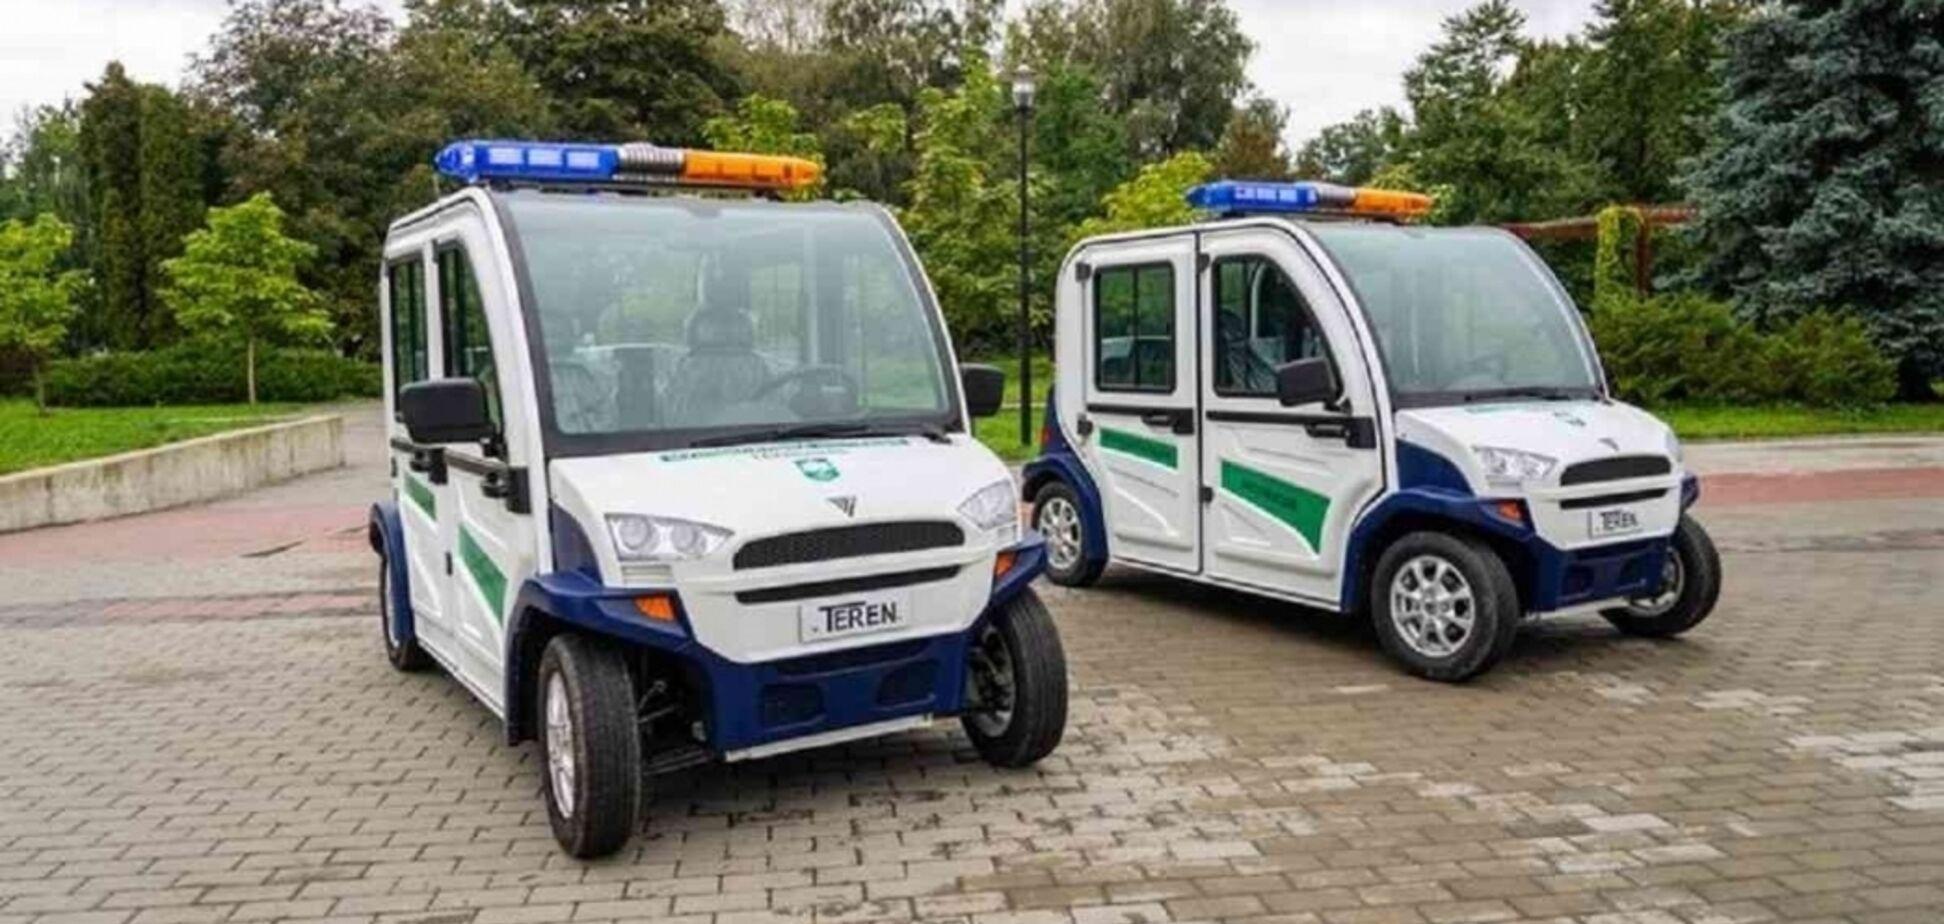 Тернопольские полицейские будут ездить на электромобилях